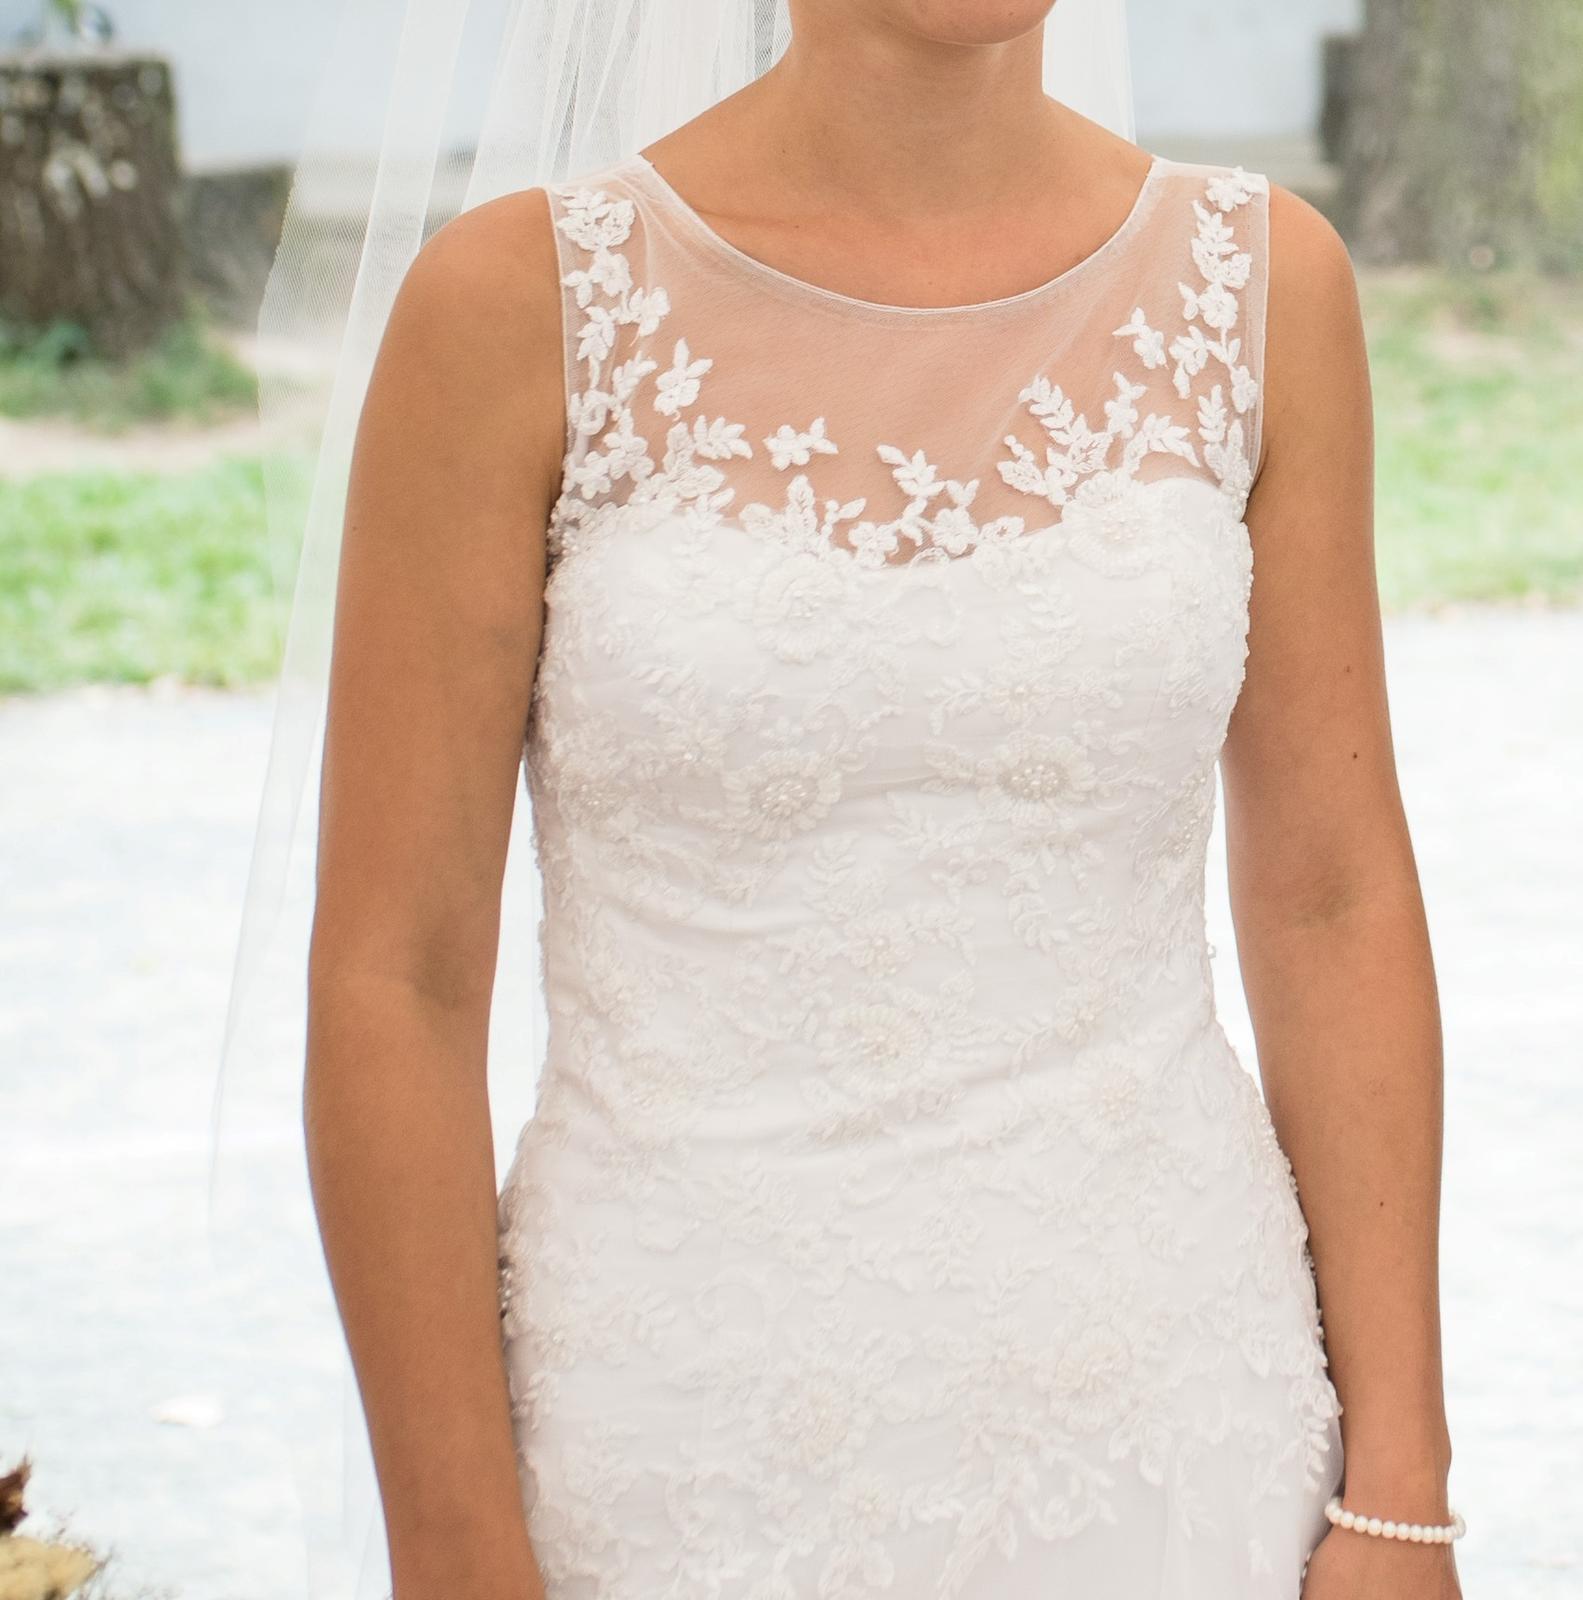 Svatební šaty (cca 36-40) korzetové s krajkou - Obrázek č. 2